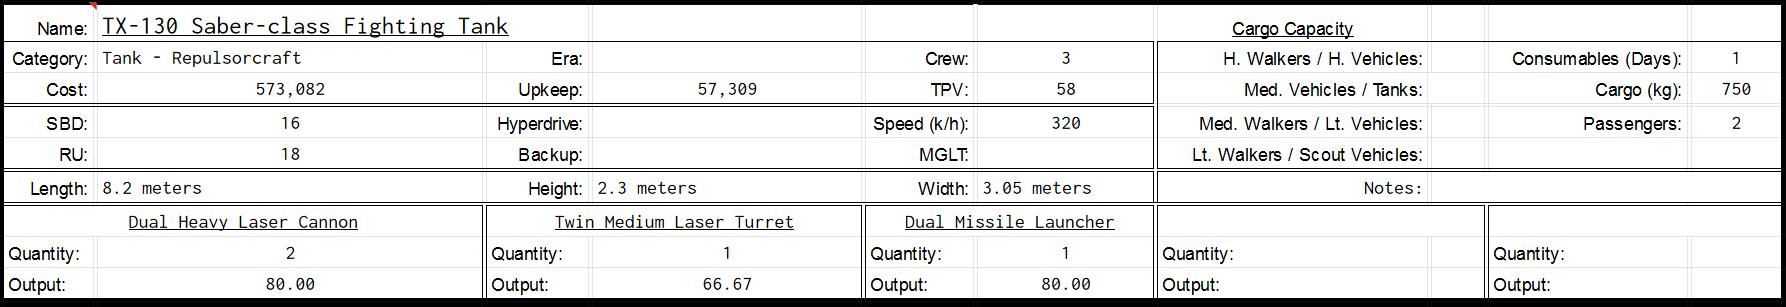 [Image: TX-130_Saber-class.png]